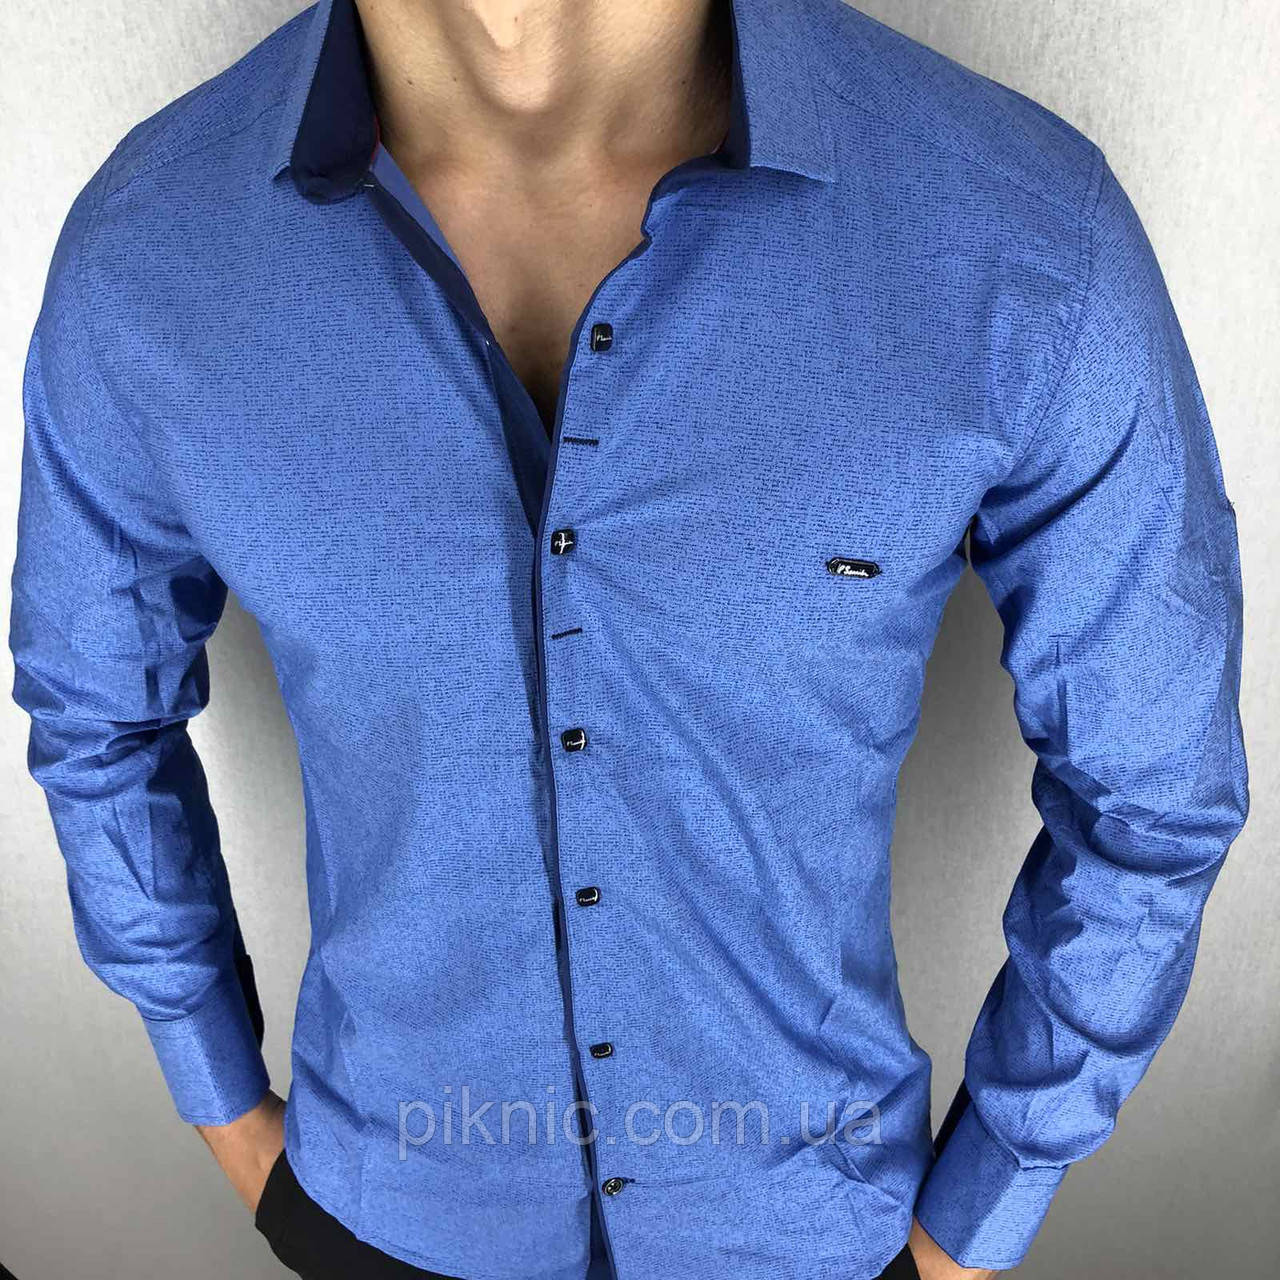 Рубашка мужская длинный рукав S,XL,XXL Турция. Молодежная турецкая рубашка трансформер. Голубая